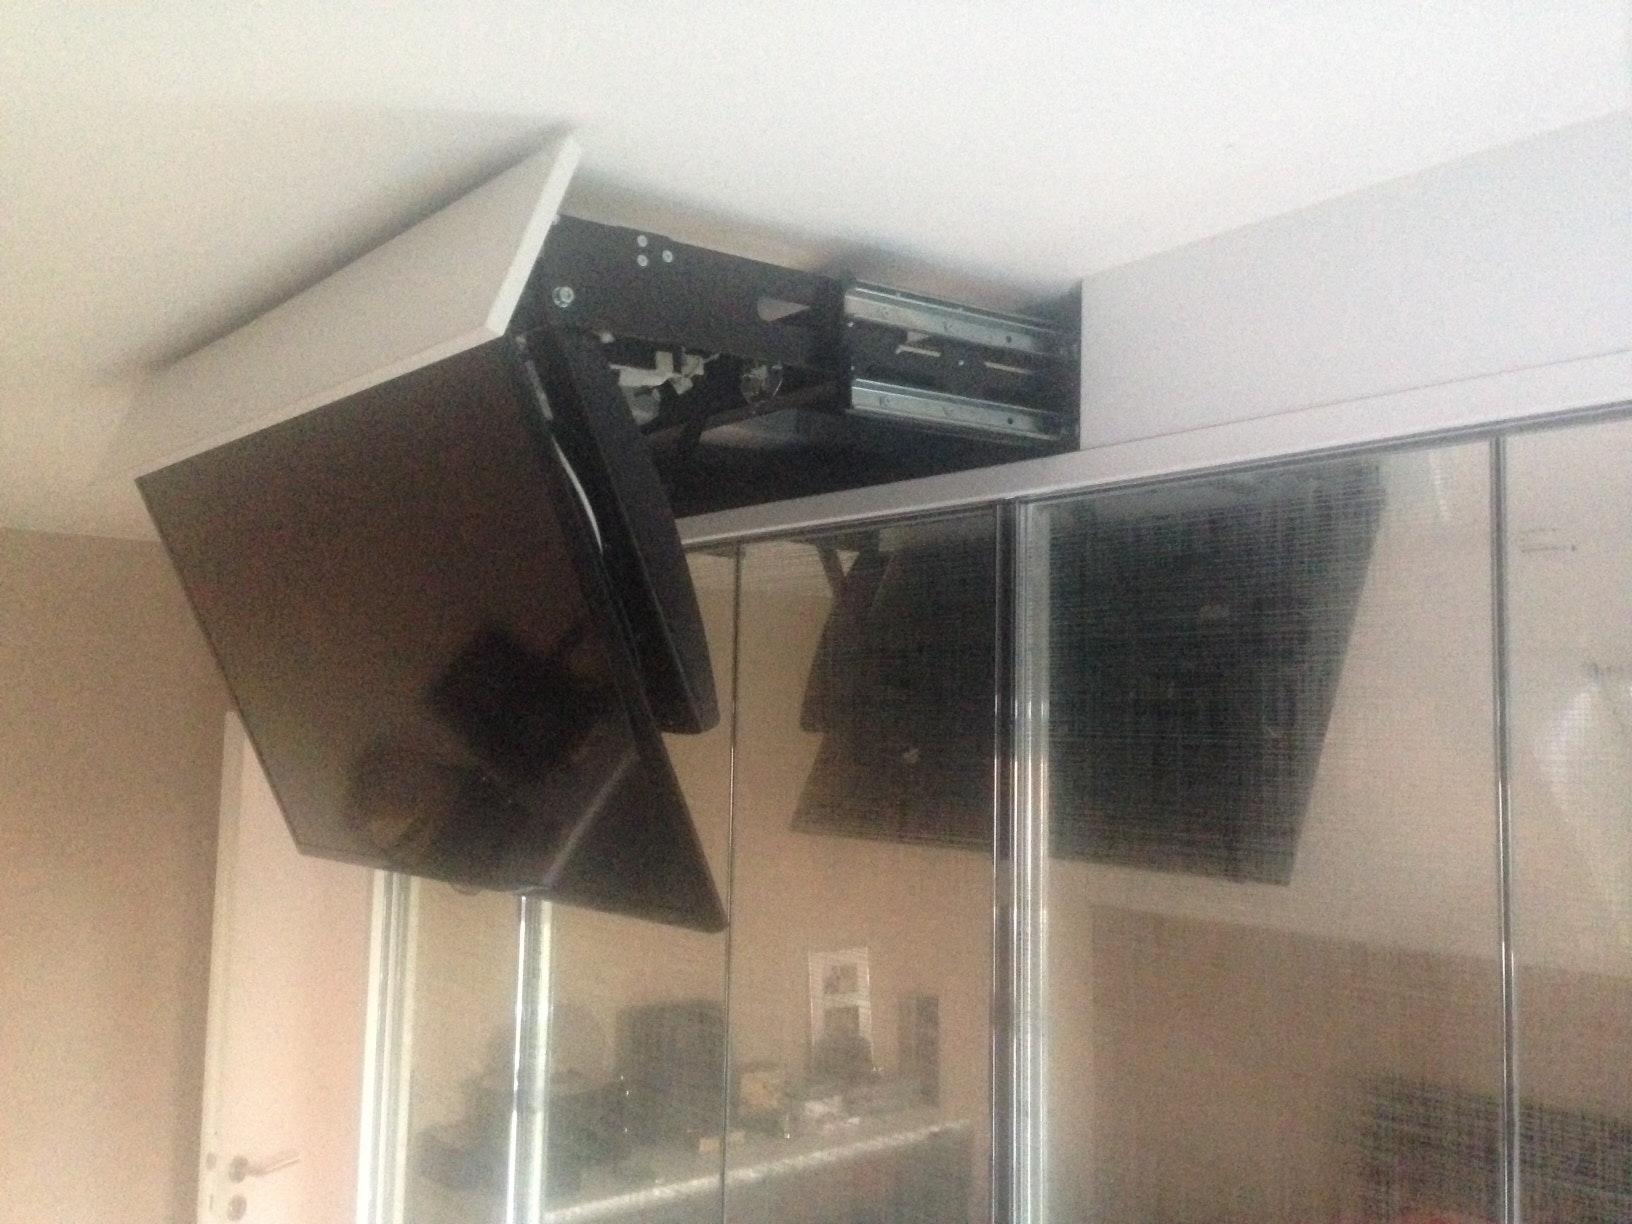 Umfrage Fernseher Im Schlafzimmer >> 15 + Beaufiful Fernseher Für ...